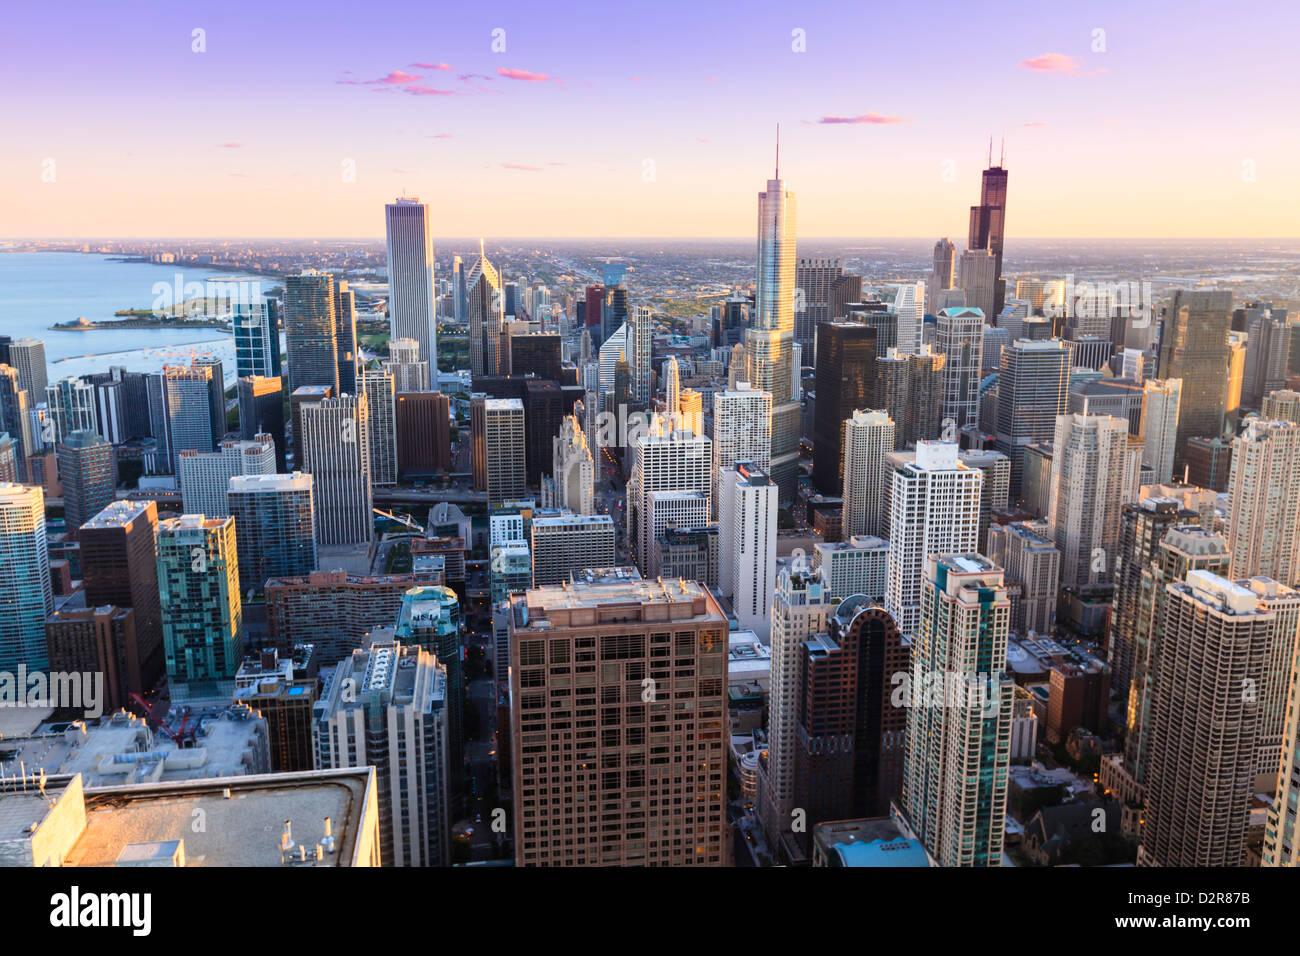 Un alto ángulo de vista del horizonte de Chicago y sus suburbios, mirando al sur por la tarde, Chicago, Illinois, Imagen De Stock